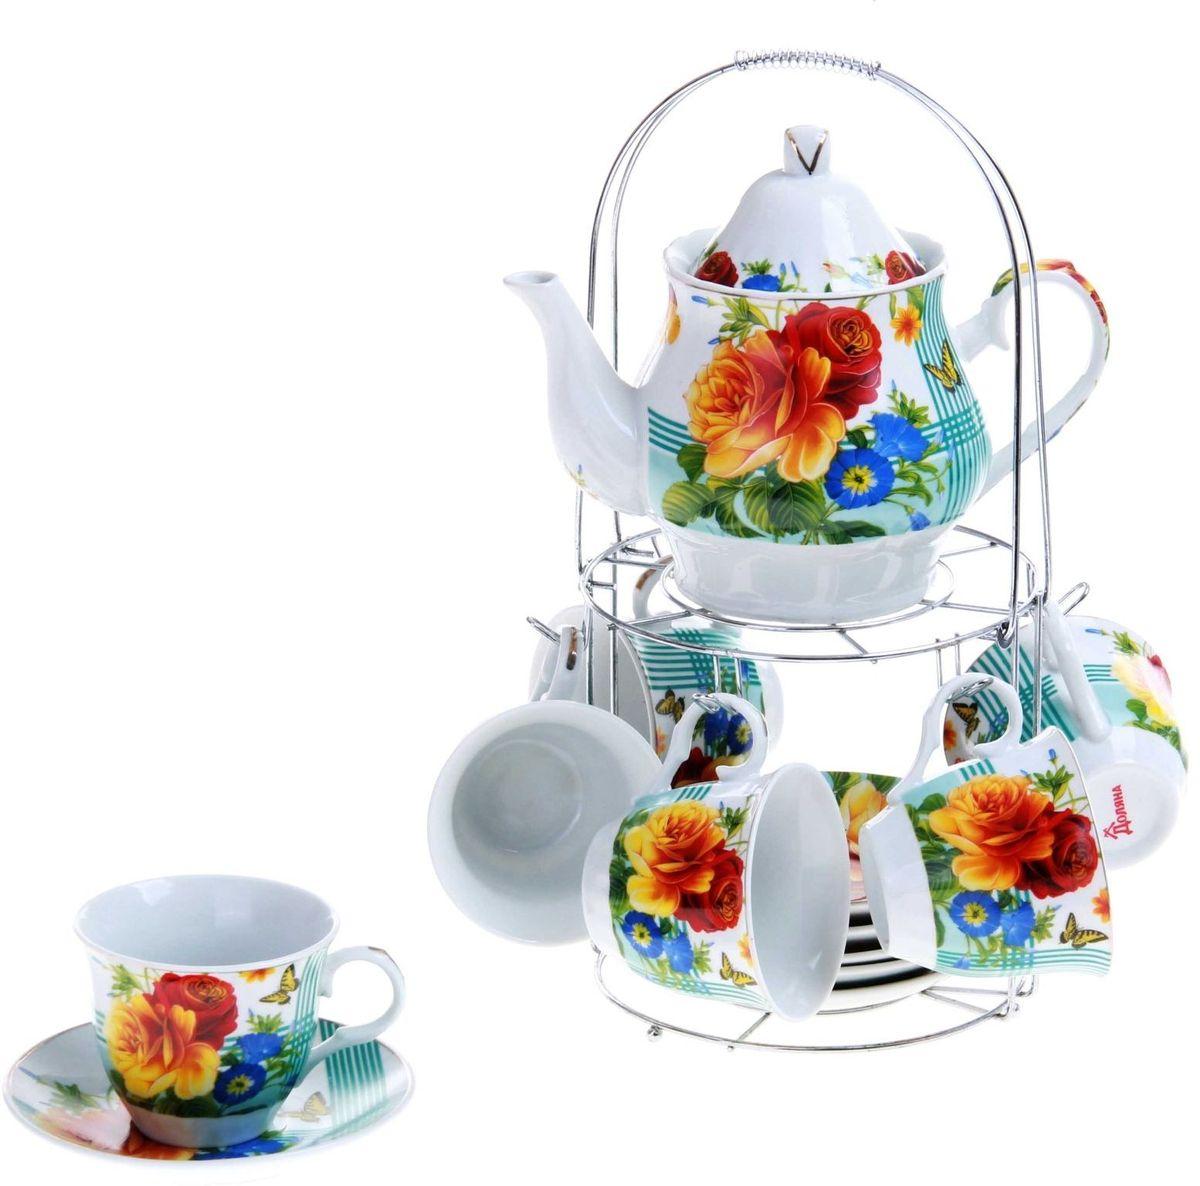 Набор чайный Доляна Мари, 13 предметов115510Какую посуду выбрать для чаепития? Конечно, традиционный напиток по необходимости можно пить и из помятой алюминиевой кружки. Но все-таки большинство хозяек стараются приобрести изящные и оригинальные модели для эстетического наслаждения неповторимым вкусом и тонким ароматом хорошего чая.Кухонная керамика сочетает в себе бытовую практичность и декоративную утонченность. Нарядный комплект обязательных для чаепития атрибутов изготовлен на родине древнего напитка и привнесет в каждую трапезу особую энергетику.